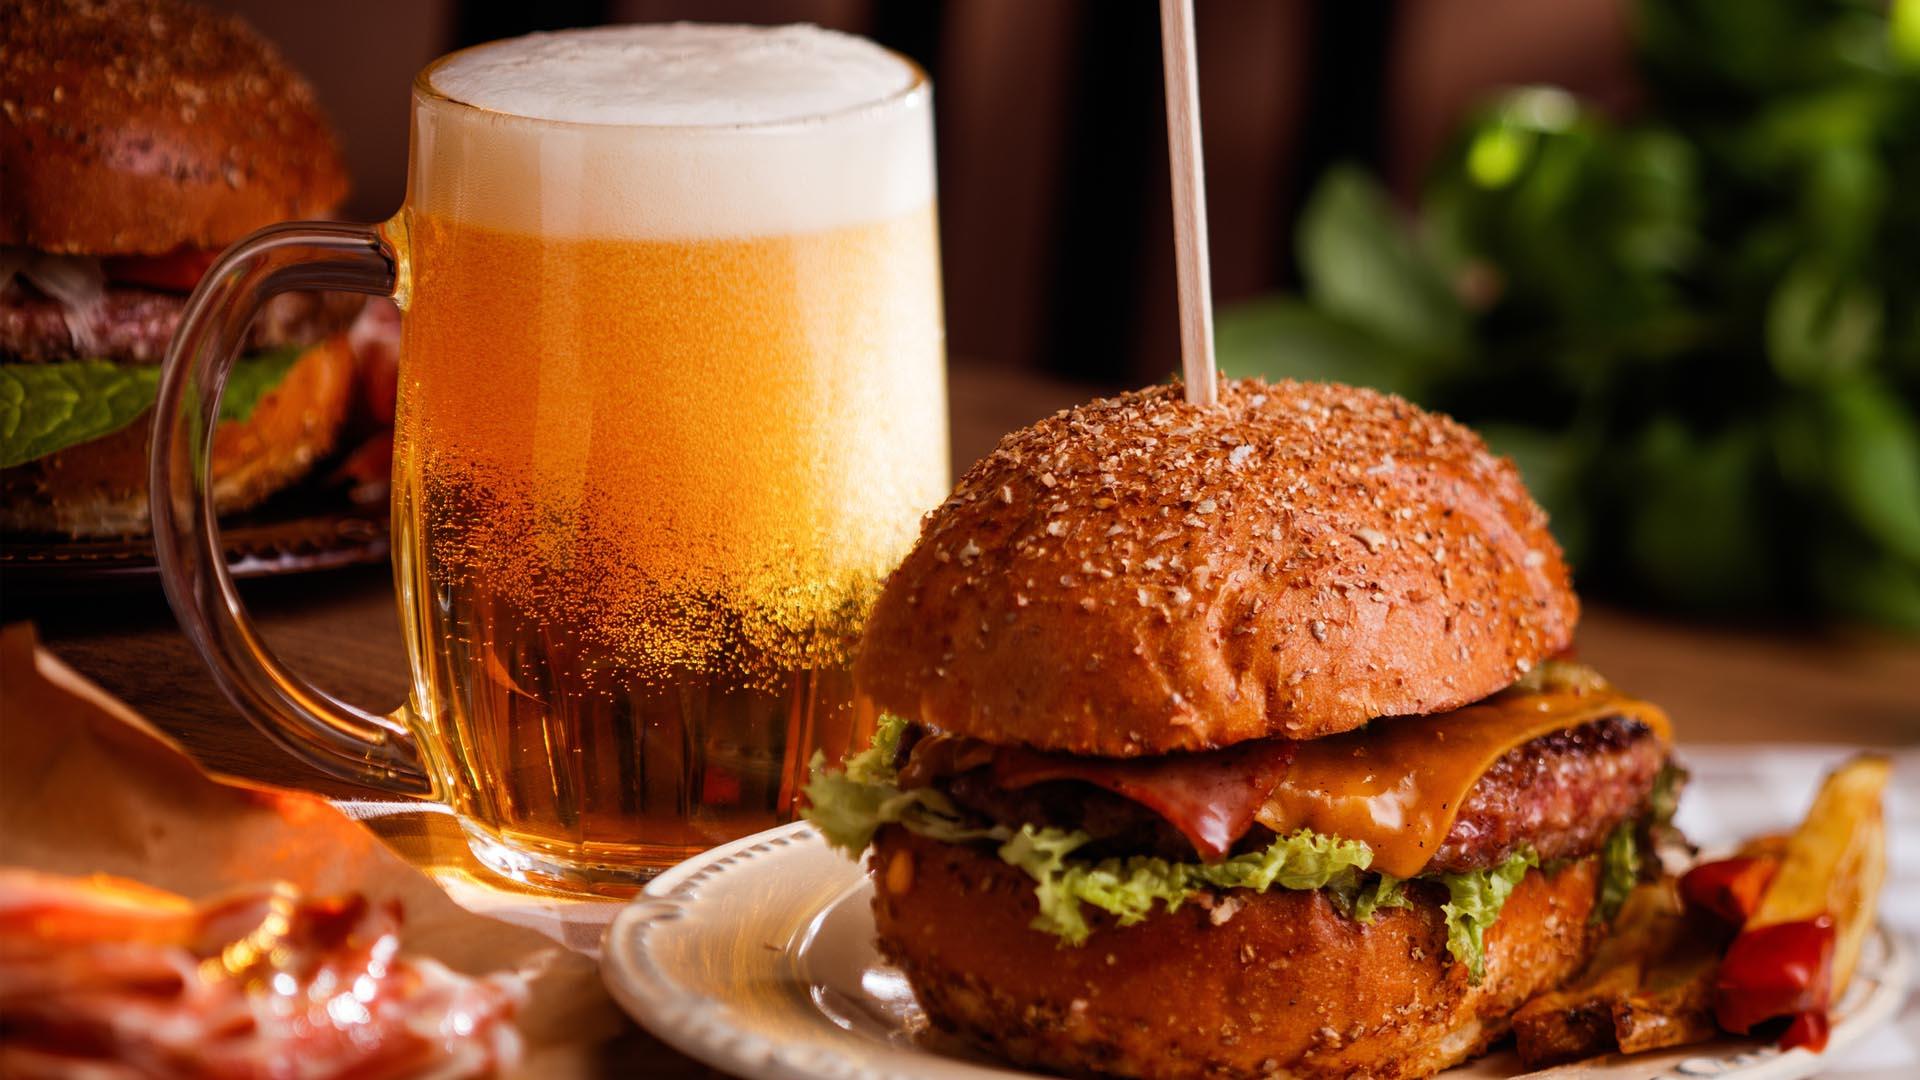 piwo i jedzenie.jpg